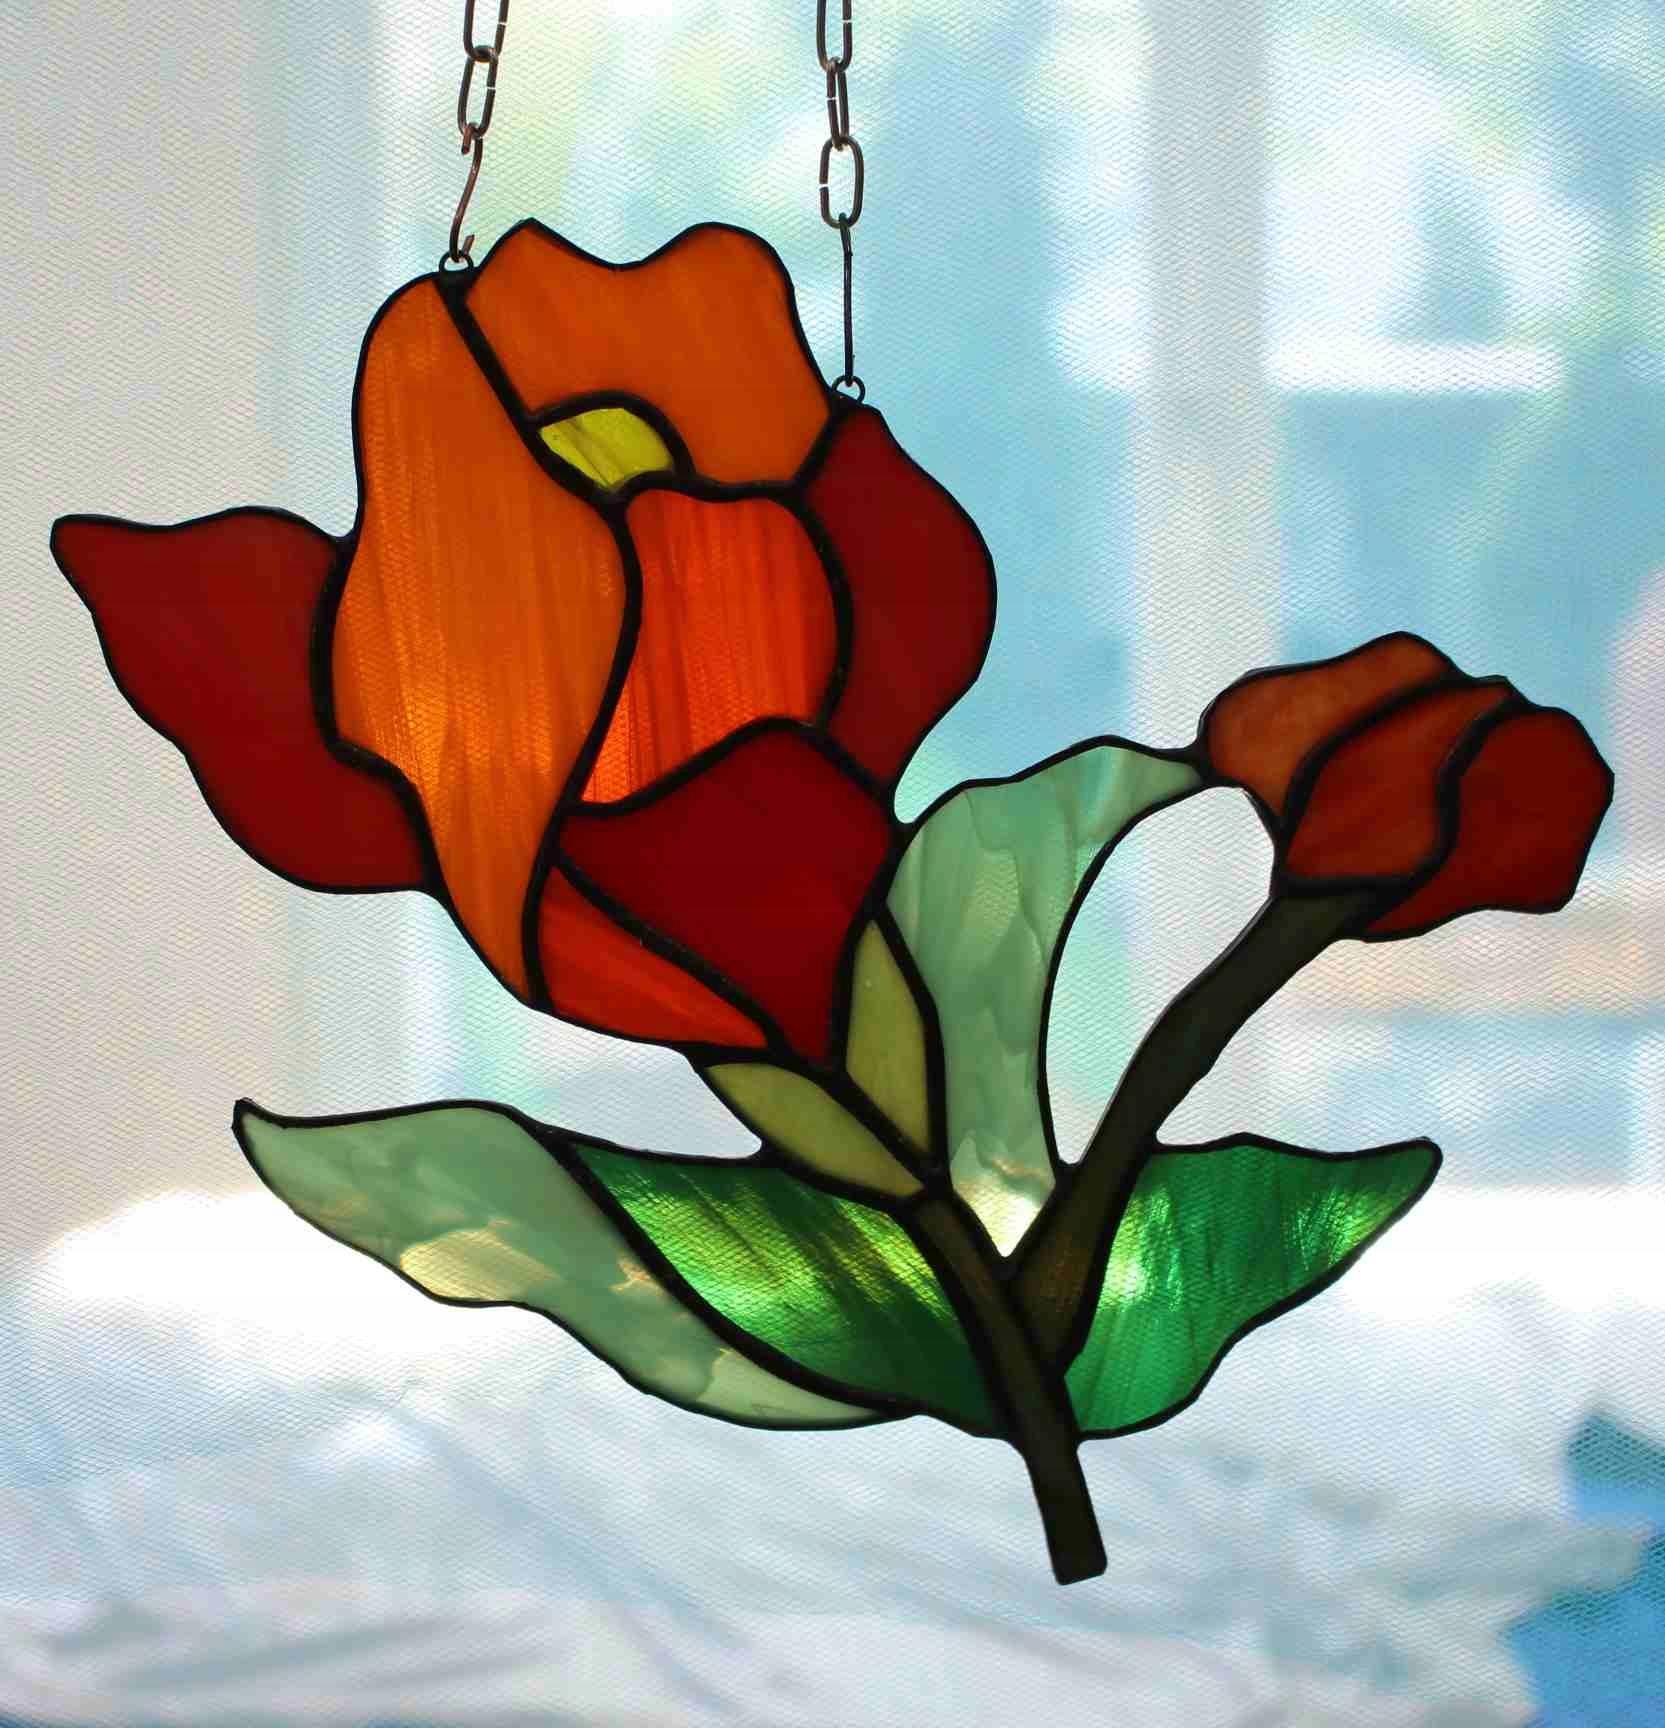 Витражный цветок с подарком ко Дню матери, бабушкин апельсин